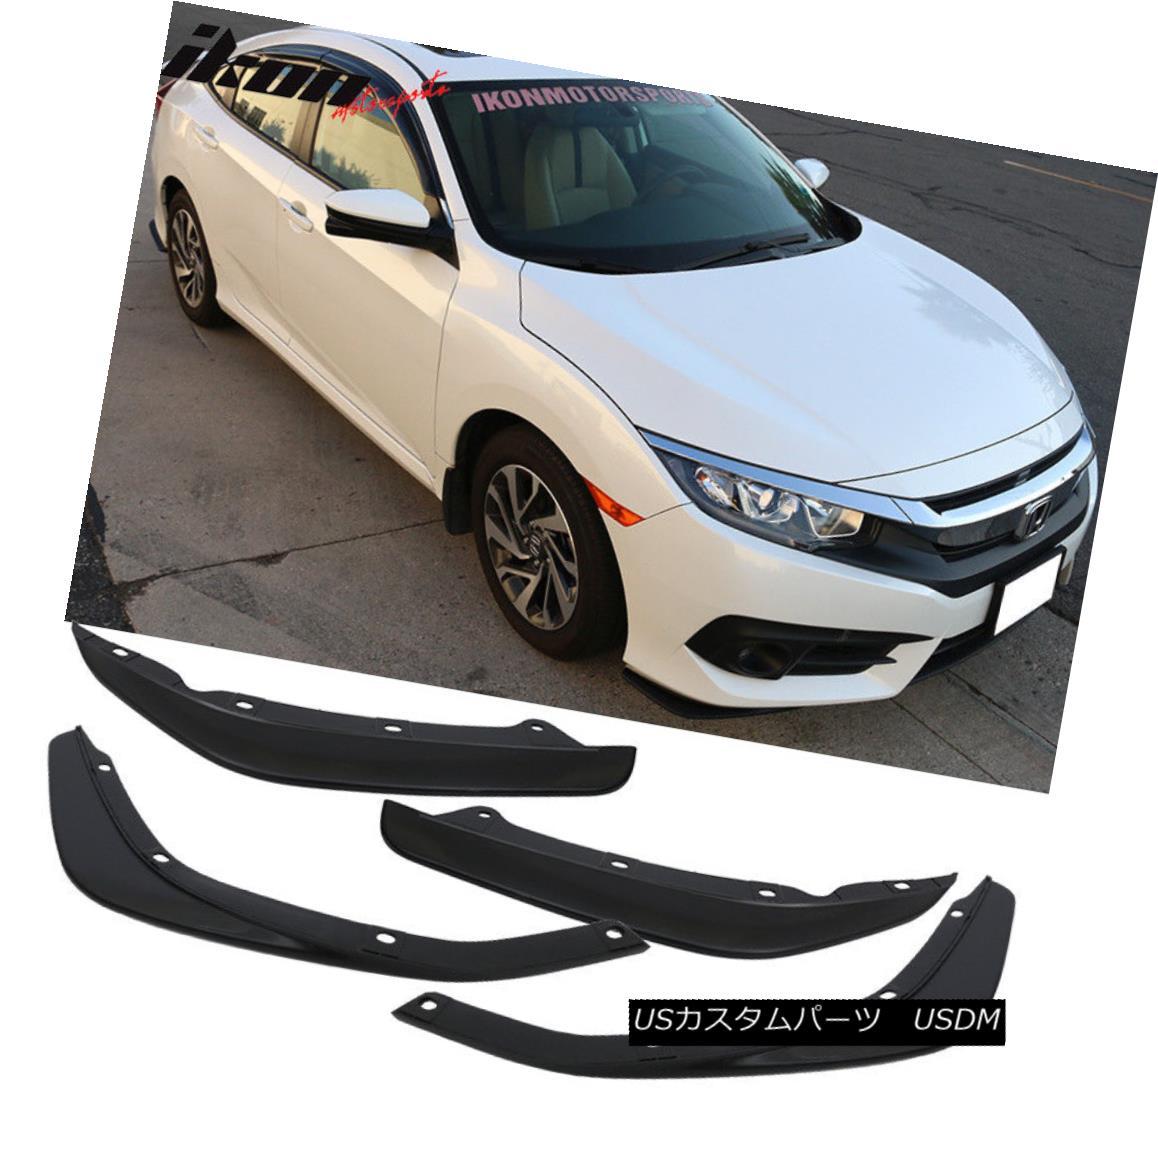 エアロパーツ Fits 16-18 Civic Sedan Front + Rear Bumper Lip Splitters 2PC - PP Polypropylene フィット16-18シビックセダンフロント+リアバンパーリップスプリッター2PC - PPのポリプロピレン